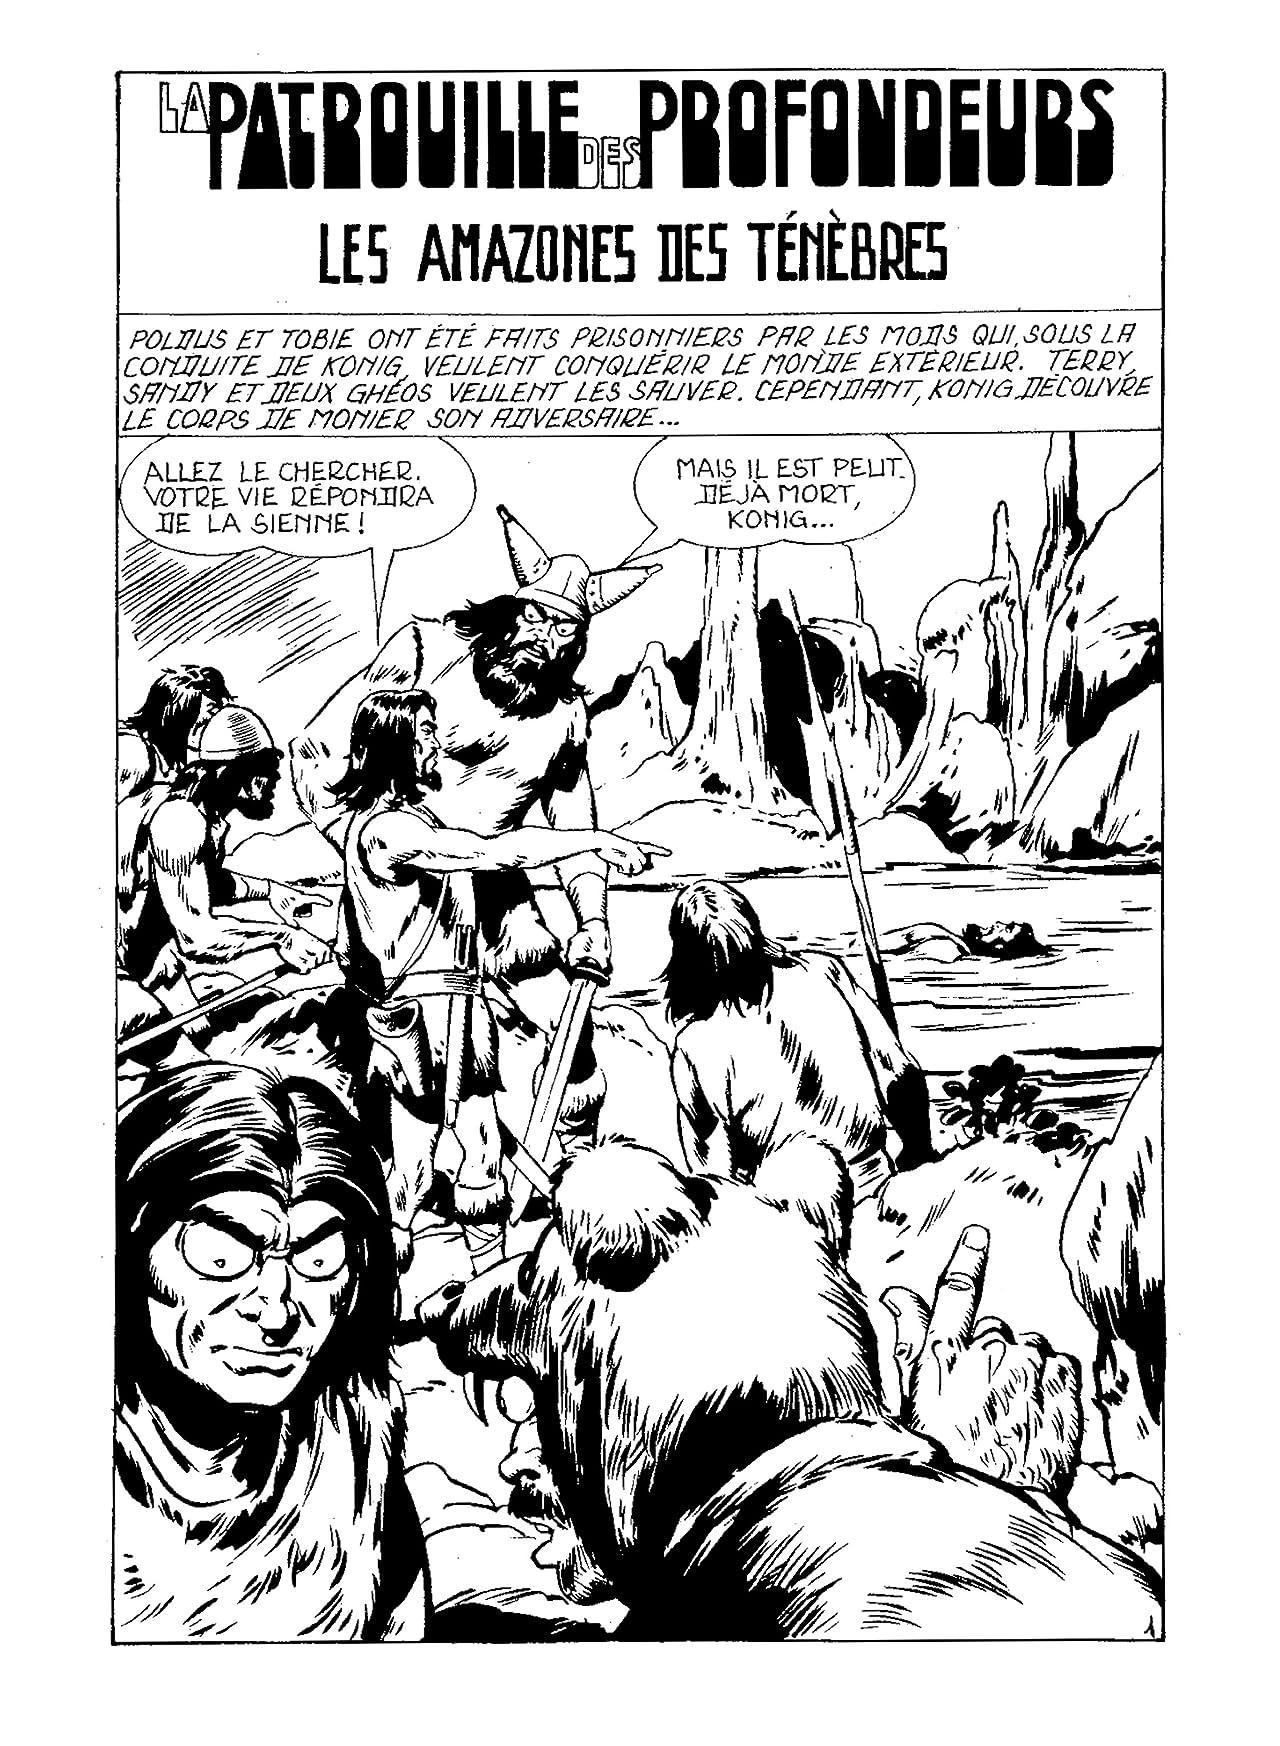 PATROUILLE DES PROFONDEURS Vol. 4: Les Amazones des Ténèbres